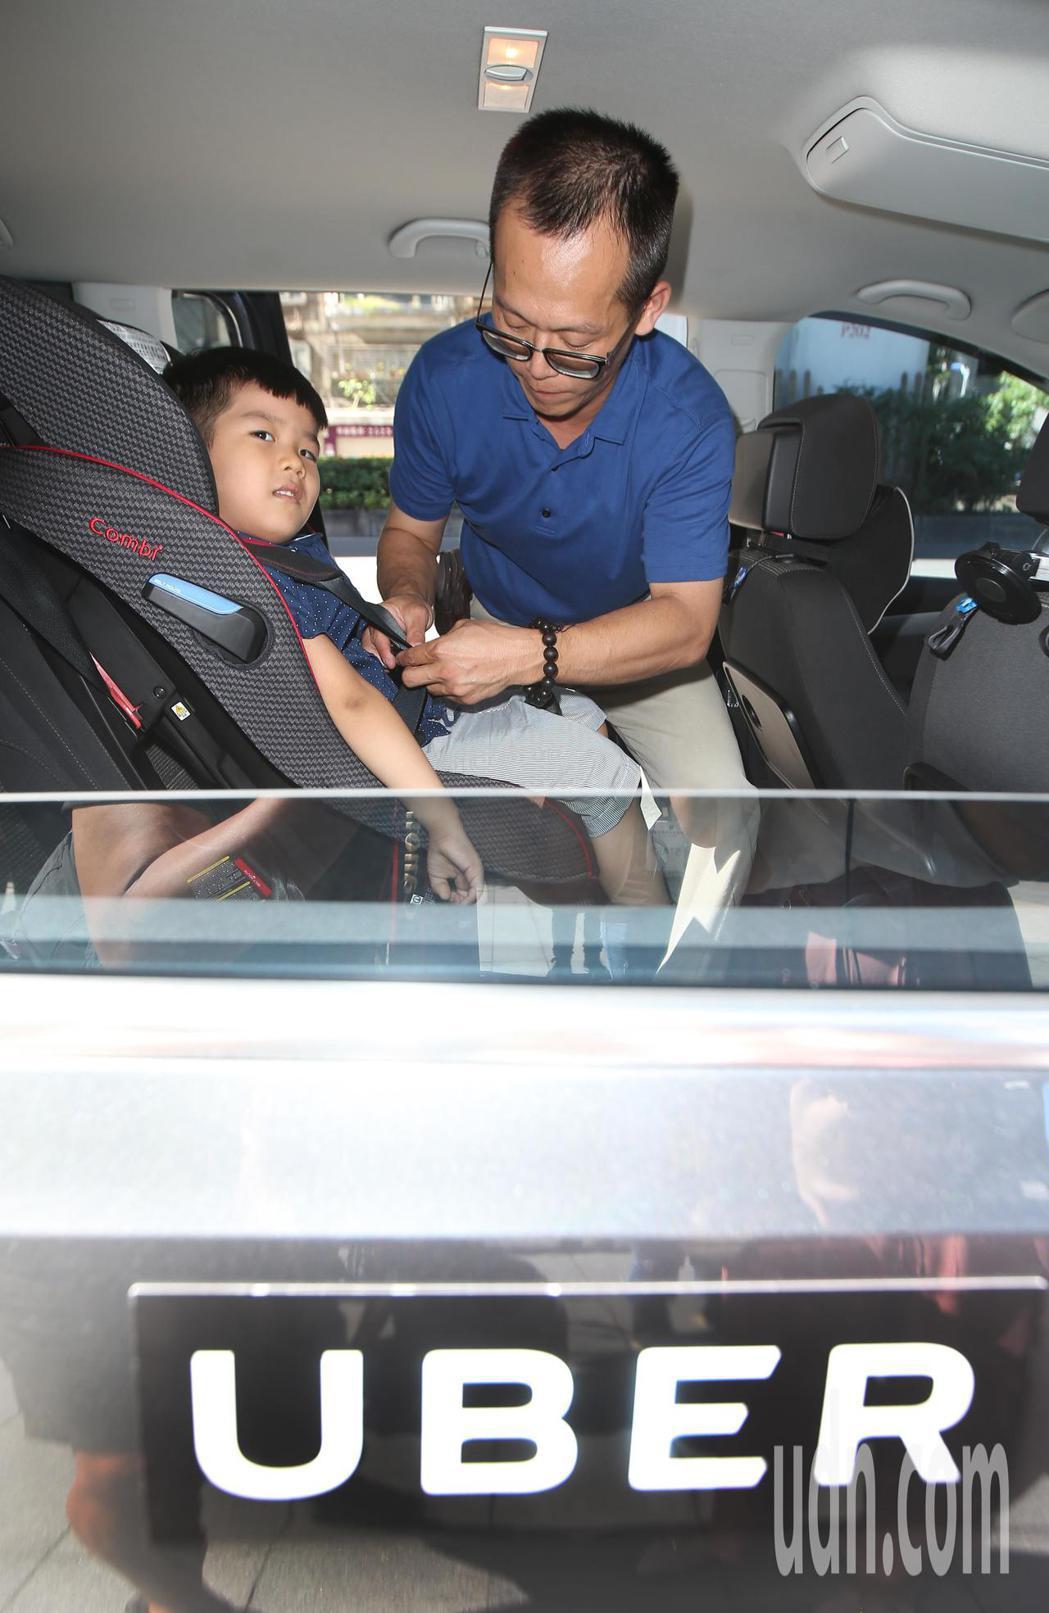 Uber今宣布於台北、新竹、台中、高雄啟動乘車新選項「寶寶優步」,讓小孩也能安全...